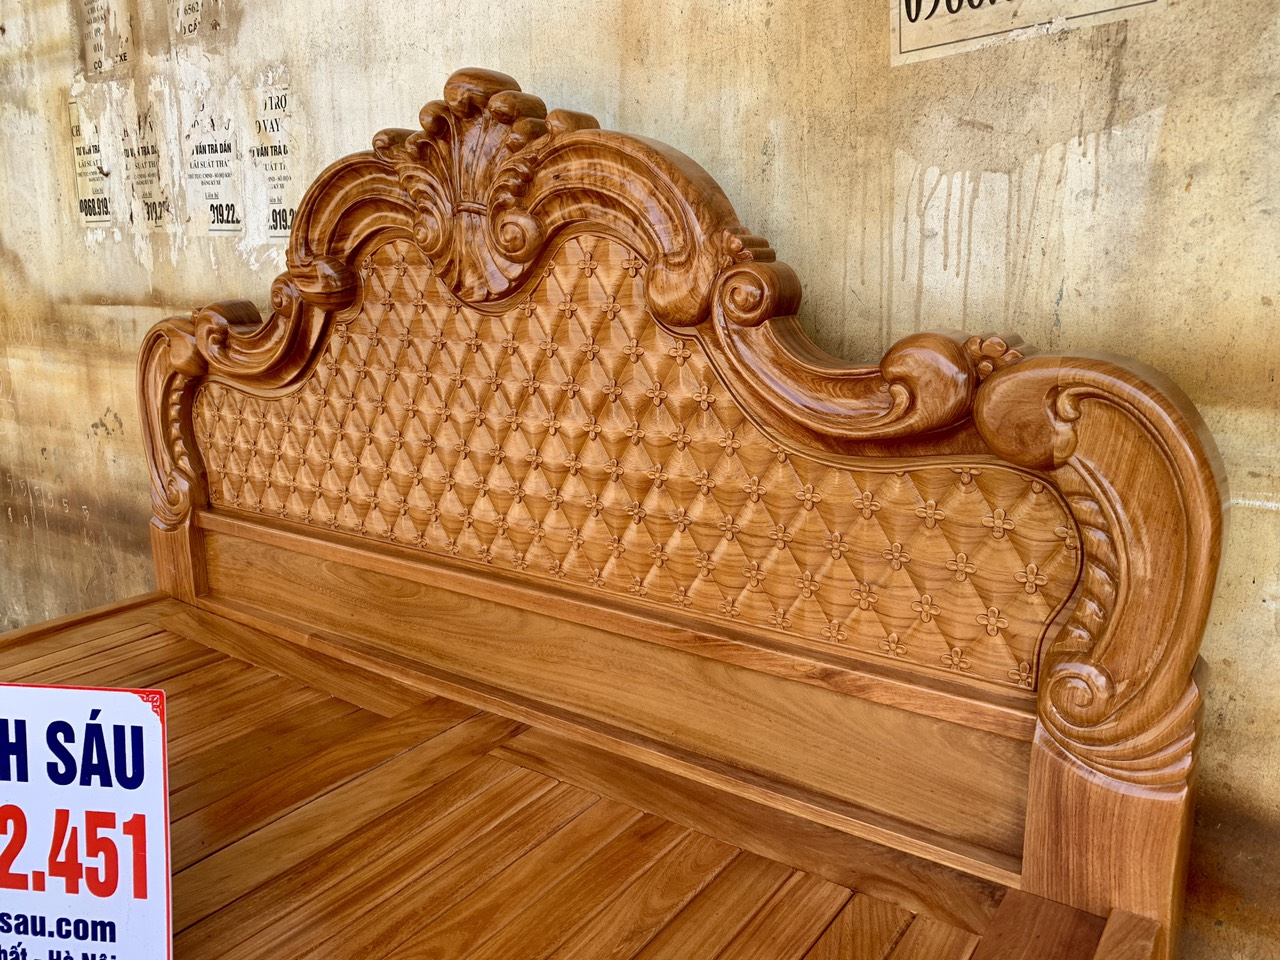 giuong ngu mau hoang gia go go do 1m8x2m 2 - Giường ngủ mẫu Hoàng Gia gỗ gõ đỏ kích thước 1m8 x 2m